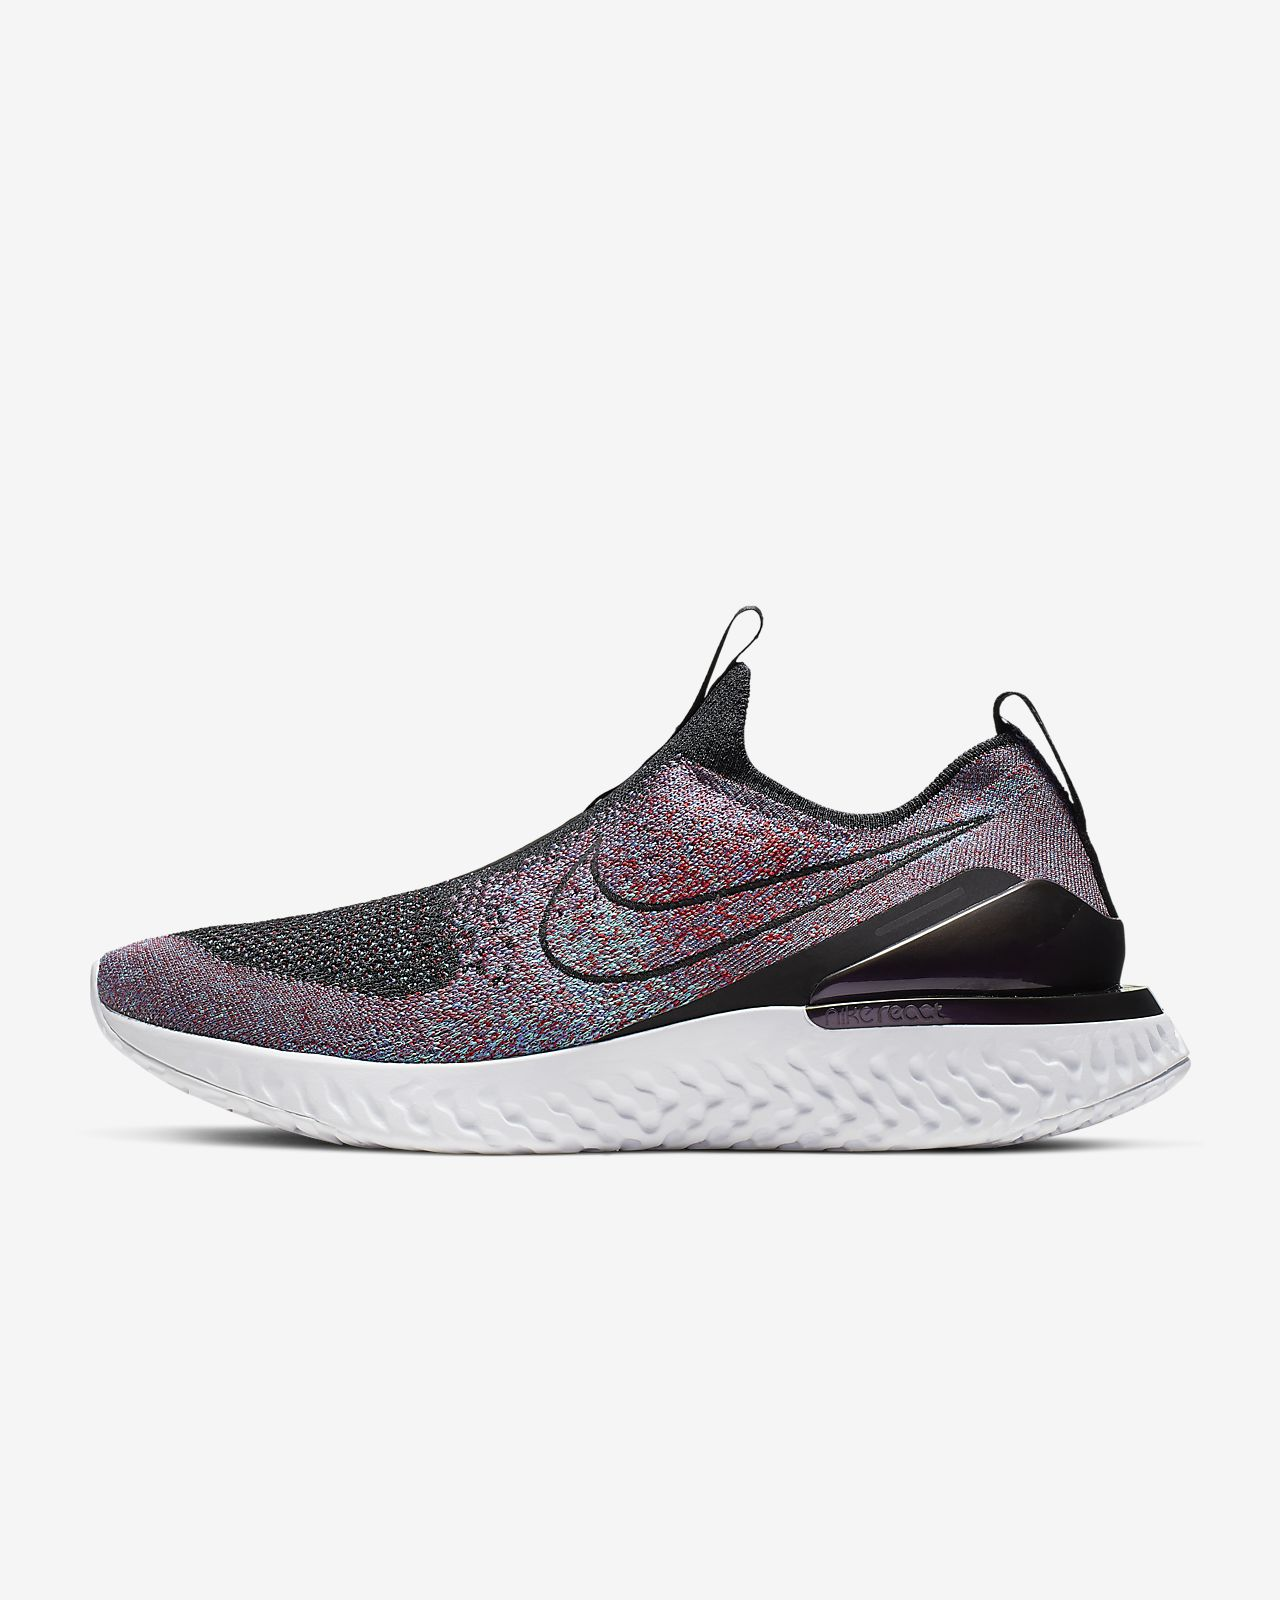 Nike Epic Phantom React Flyknit Hardloopschoen voor heren